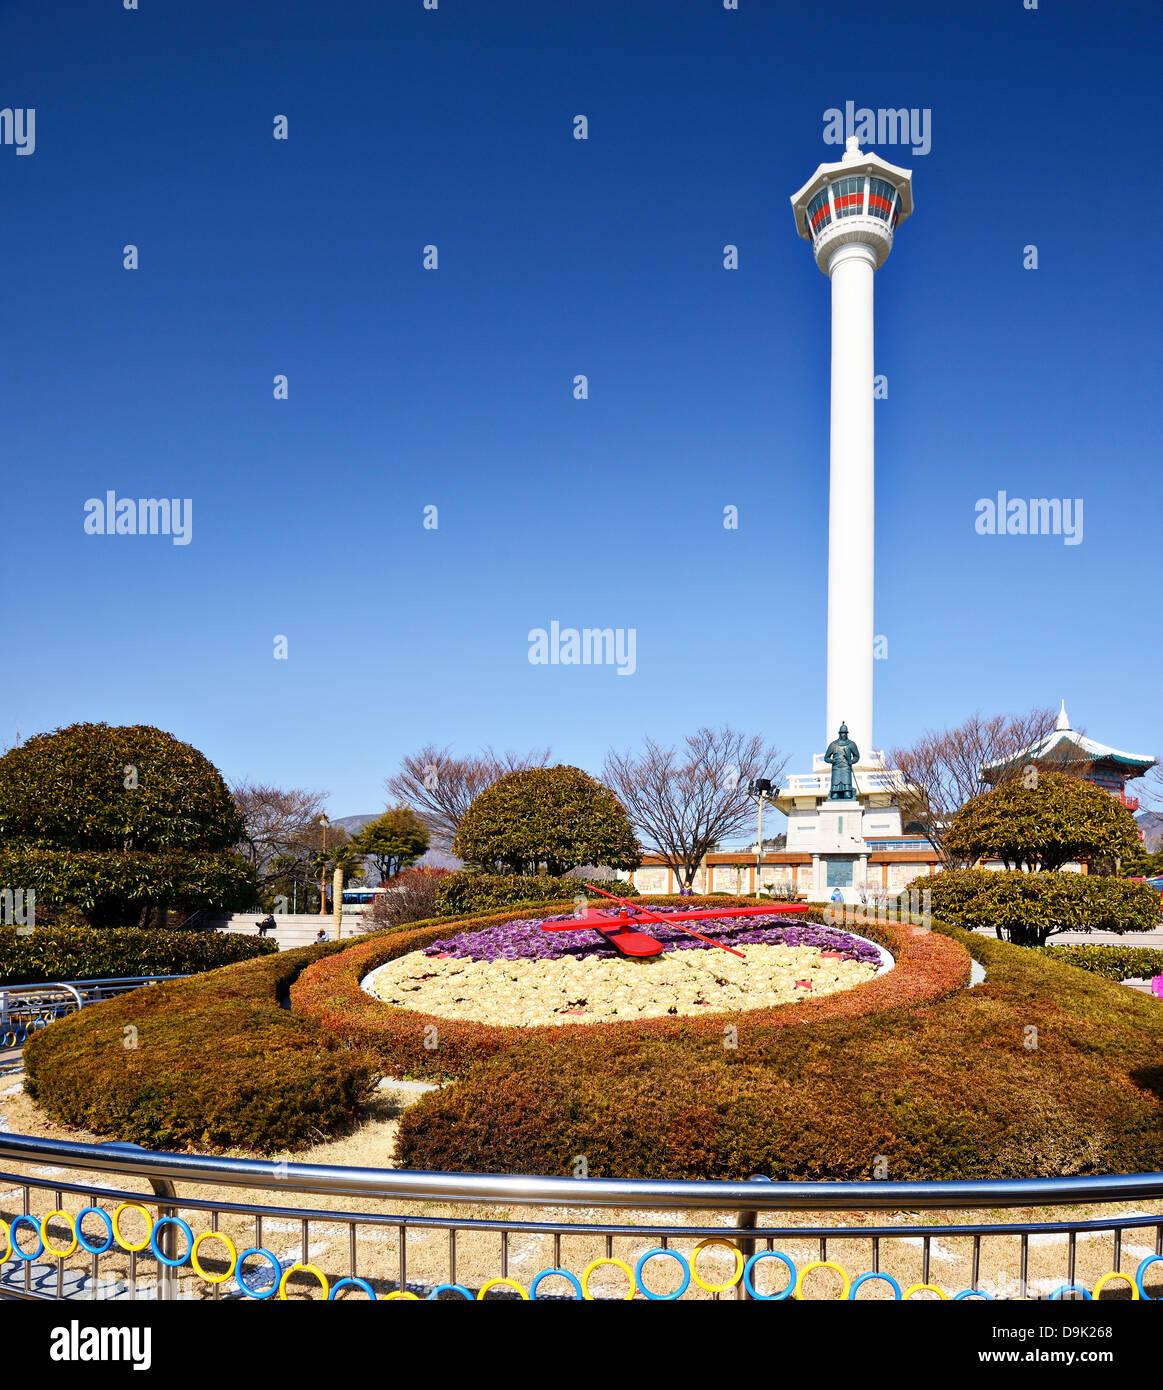 Busan, Corea del Sud - 11 Febbraio 2013: turisti di Busan Tower. La torre è a 118 metri di altezza ed è Immagini Stock